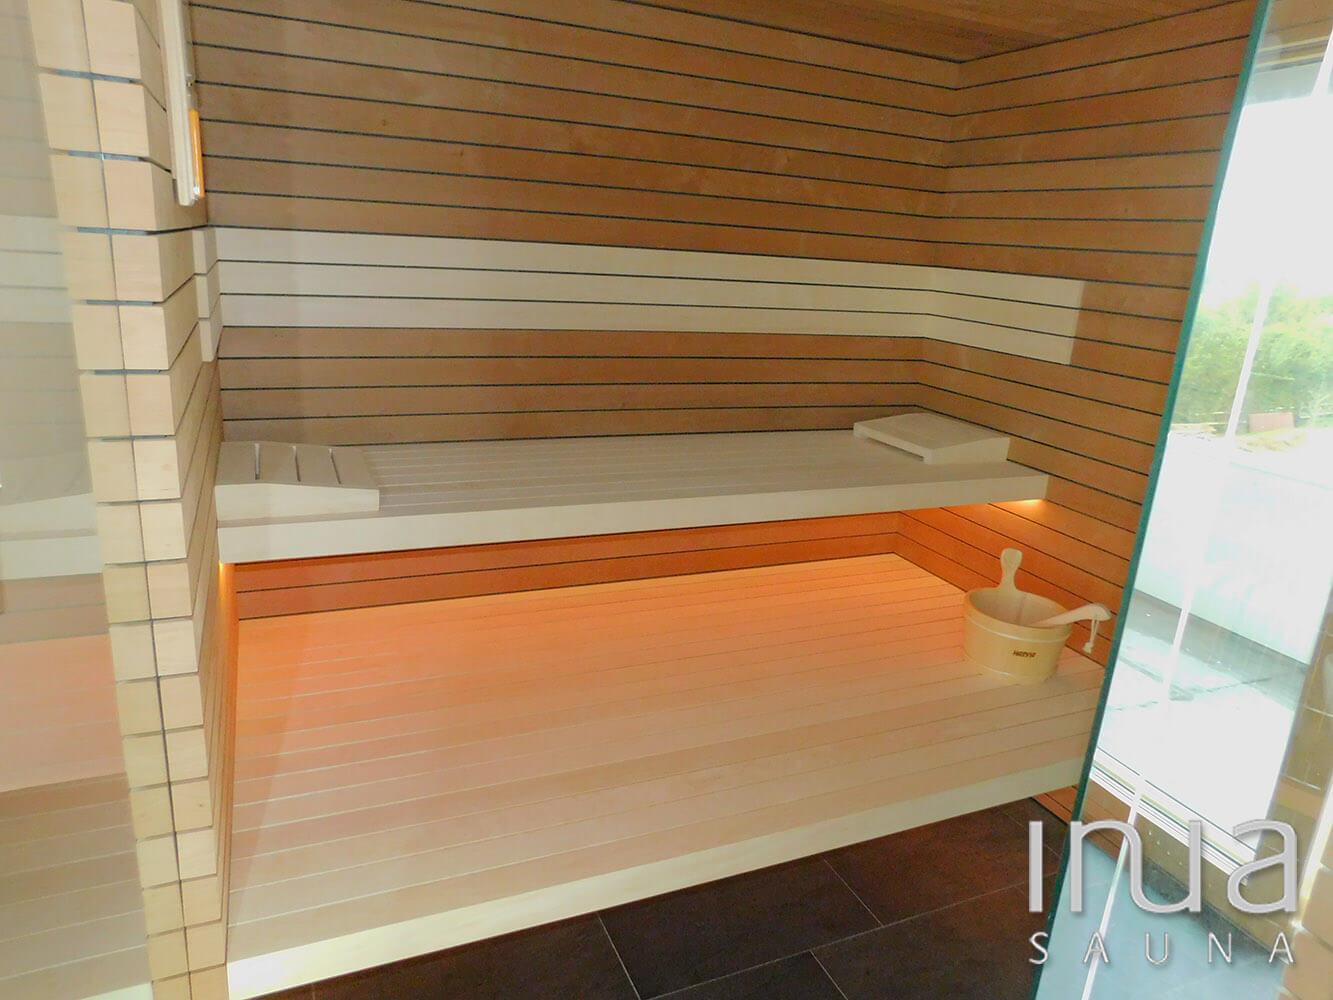 Inua panelrendszerrel burkolt beltéri finn szauna, küszöb nélküli kivitelben készült. | Inua Szauna Kft.